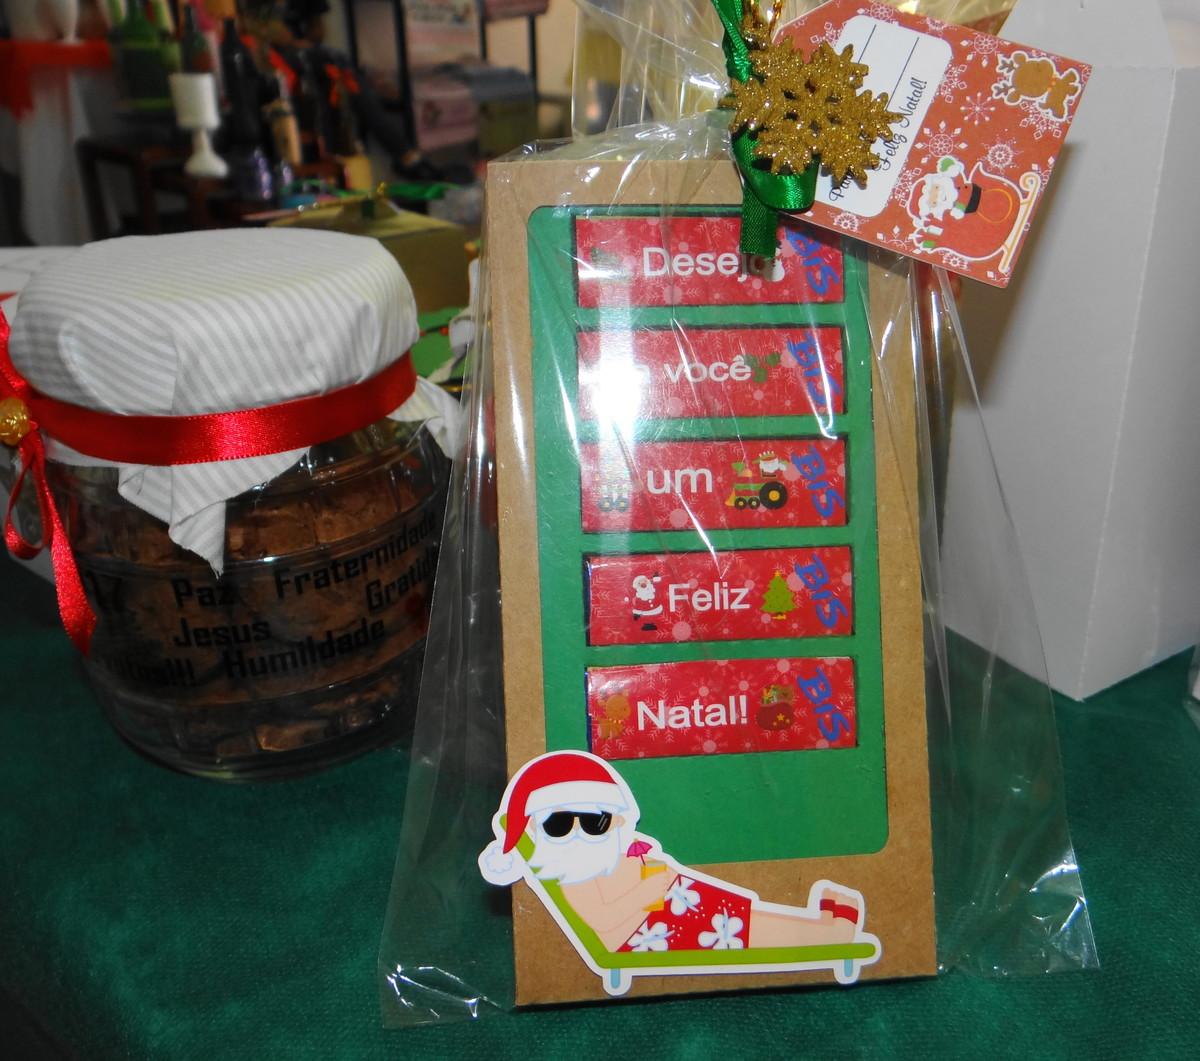 Caixa Com Bis Frases De Natal No Elo7 Ateliê Arts Lene By Silene